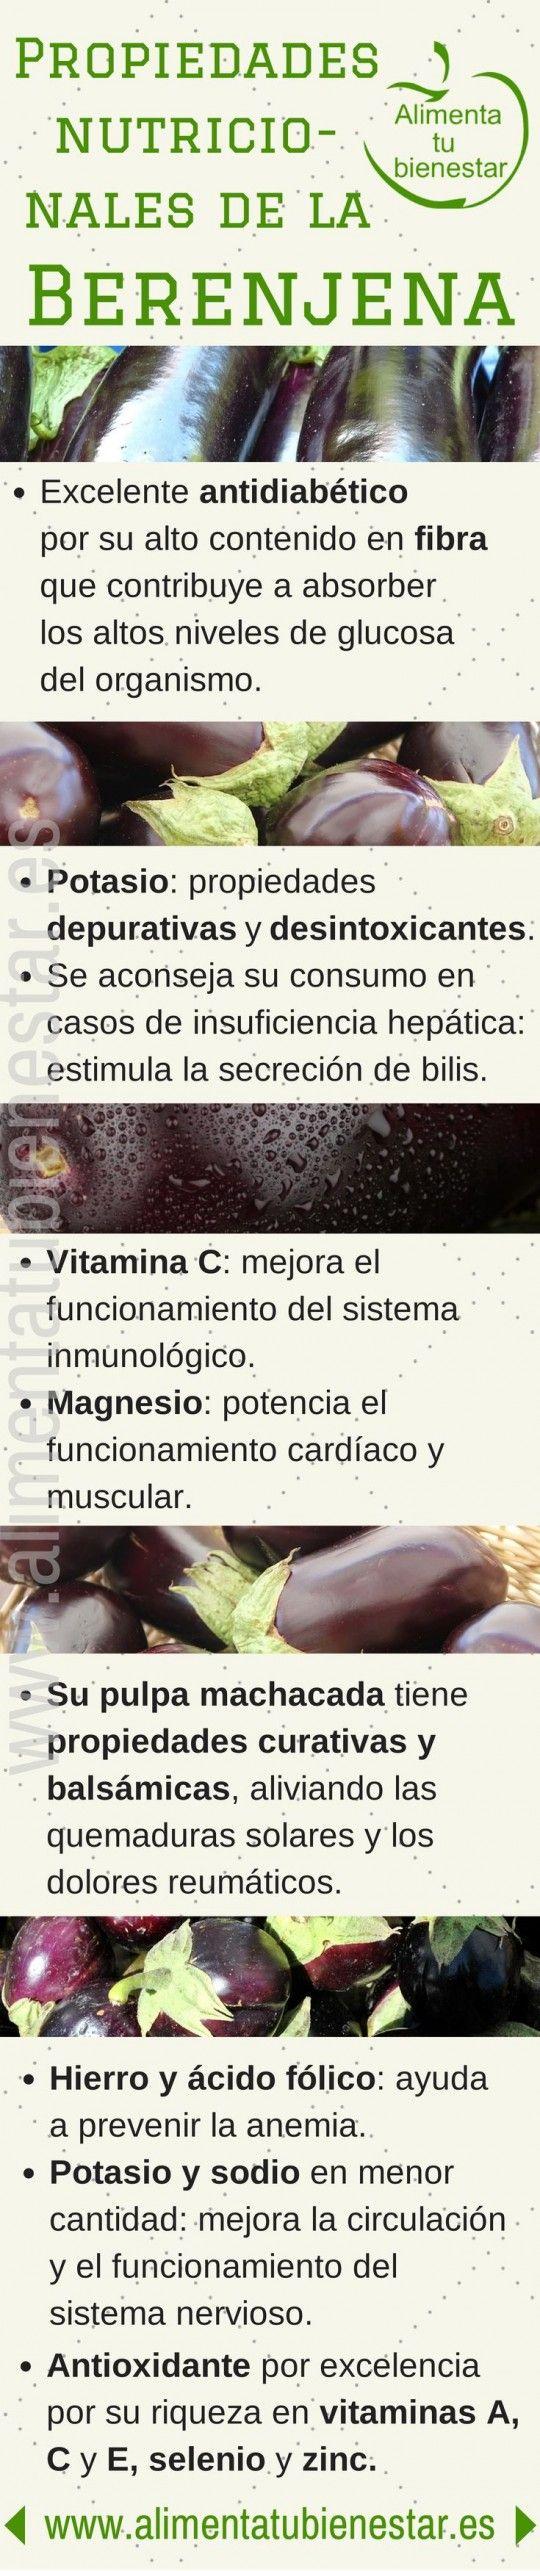 Propiedades nutricionales de las berenjenas   -    Nutritional properties of eggplants